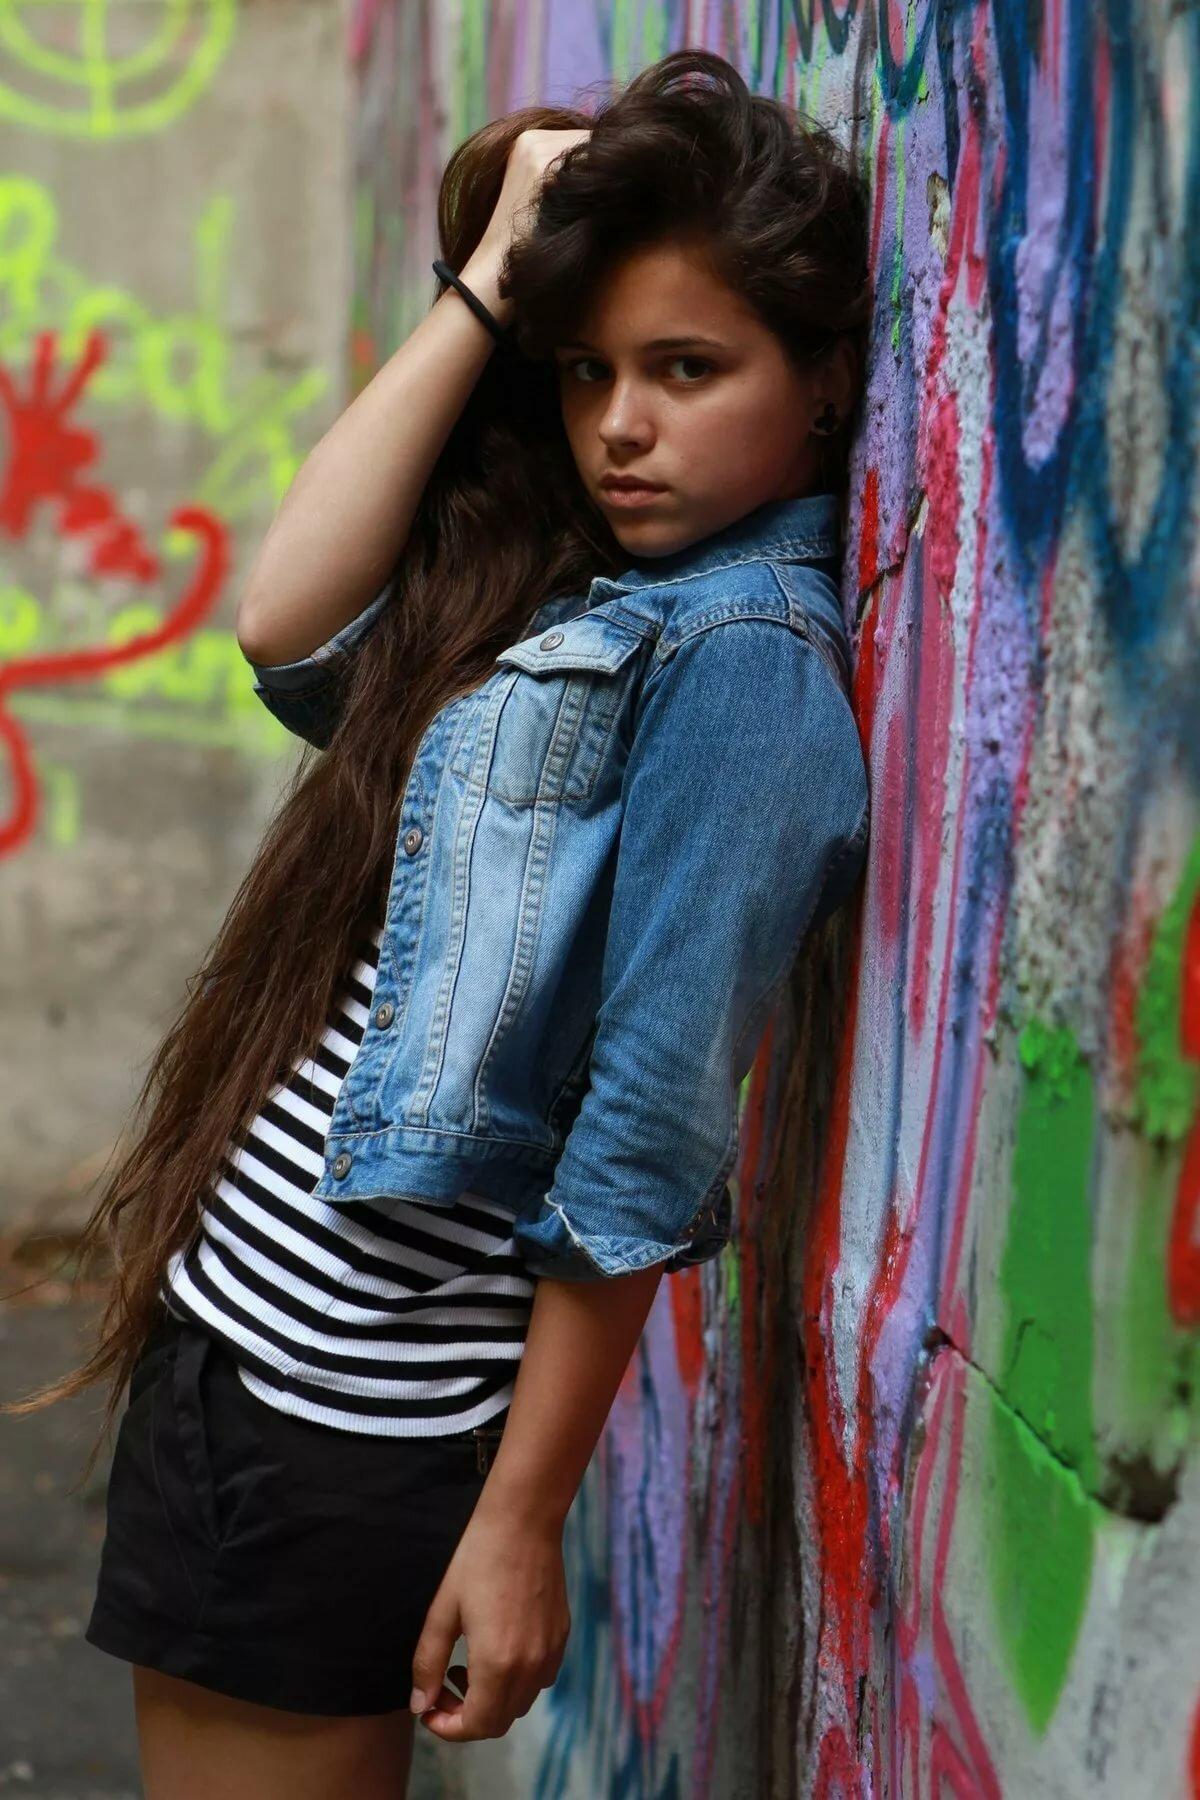 Марине, крутые картинки для девочек 13